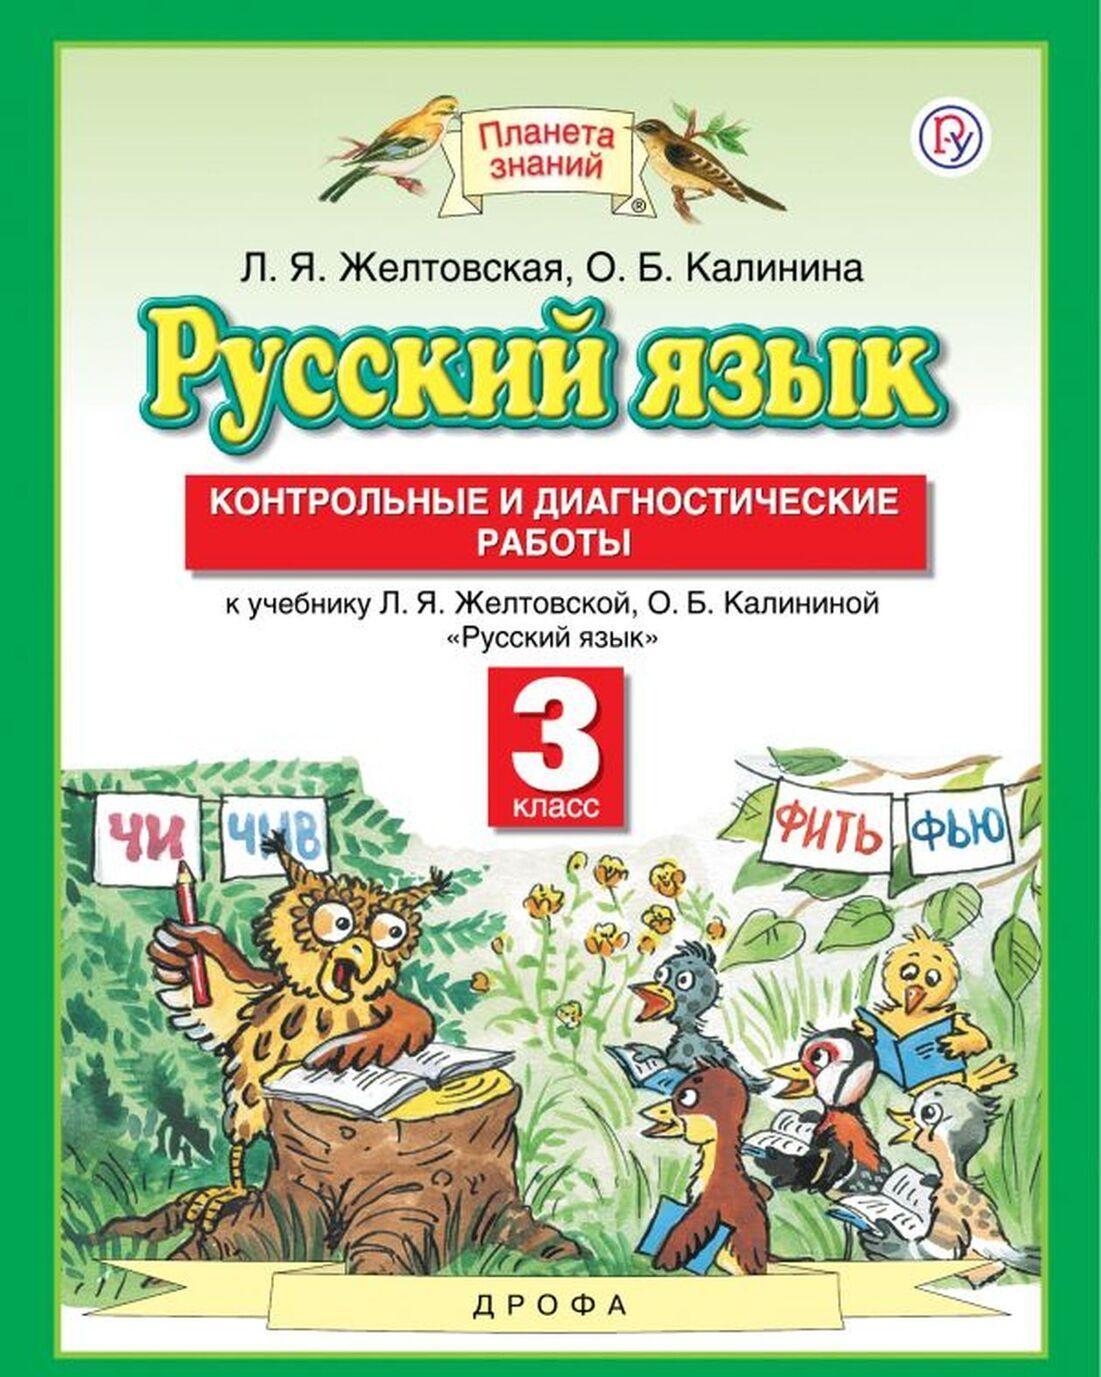 Russkij jazyk. 3 klass. Kontrolnye i diagnosticheskie raboty. L. Ja. Zheltkovskoj, O. B. Kalininoj